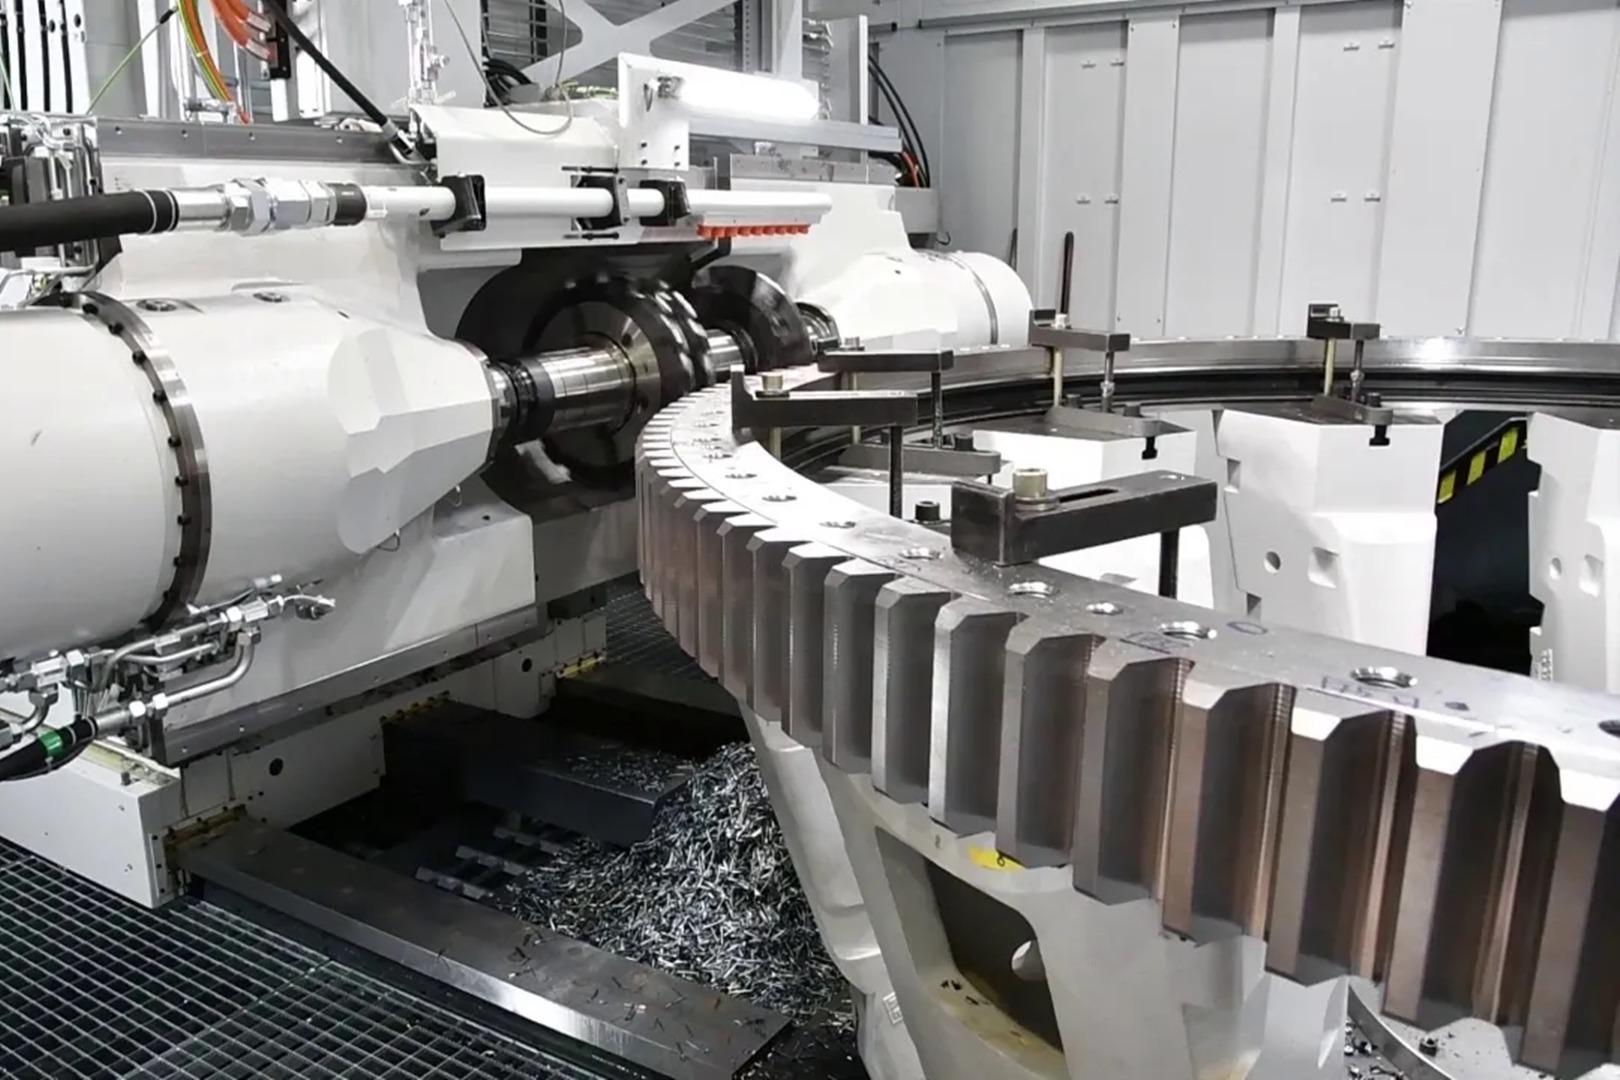 一场硬碰硬的较量,大型齿轮制造工艺,一个价值几十万